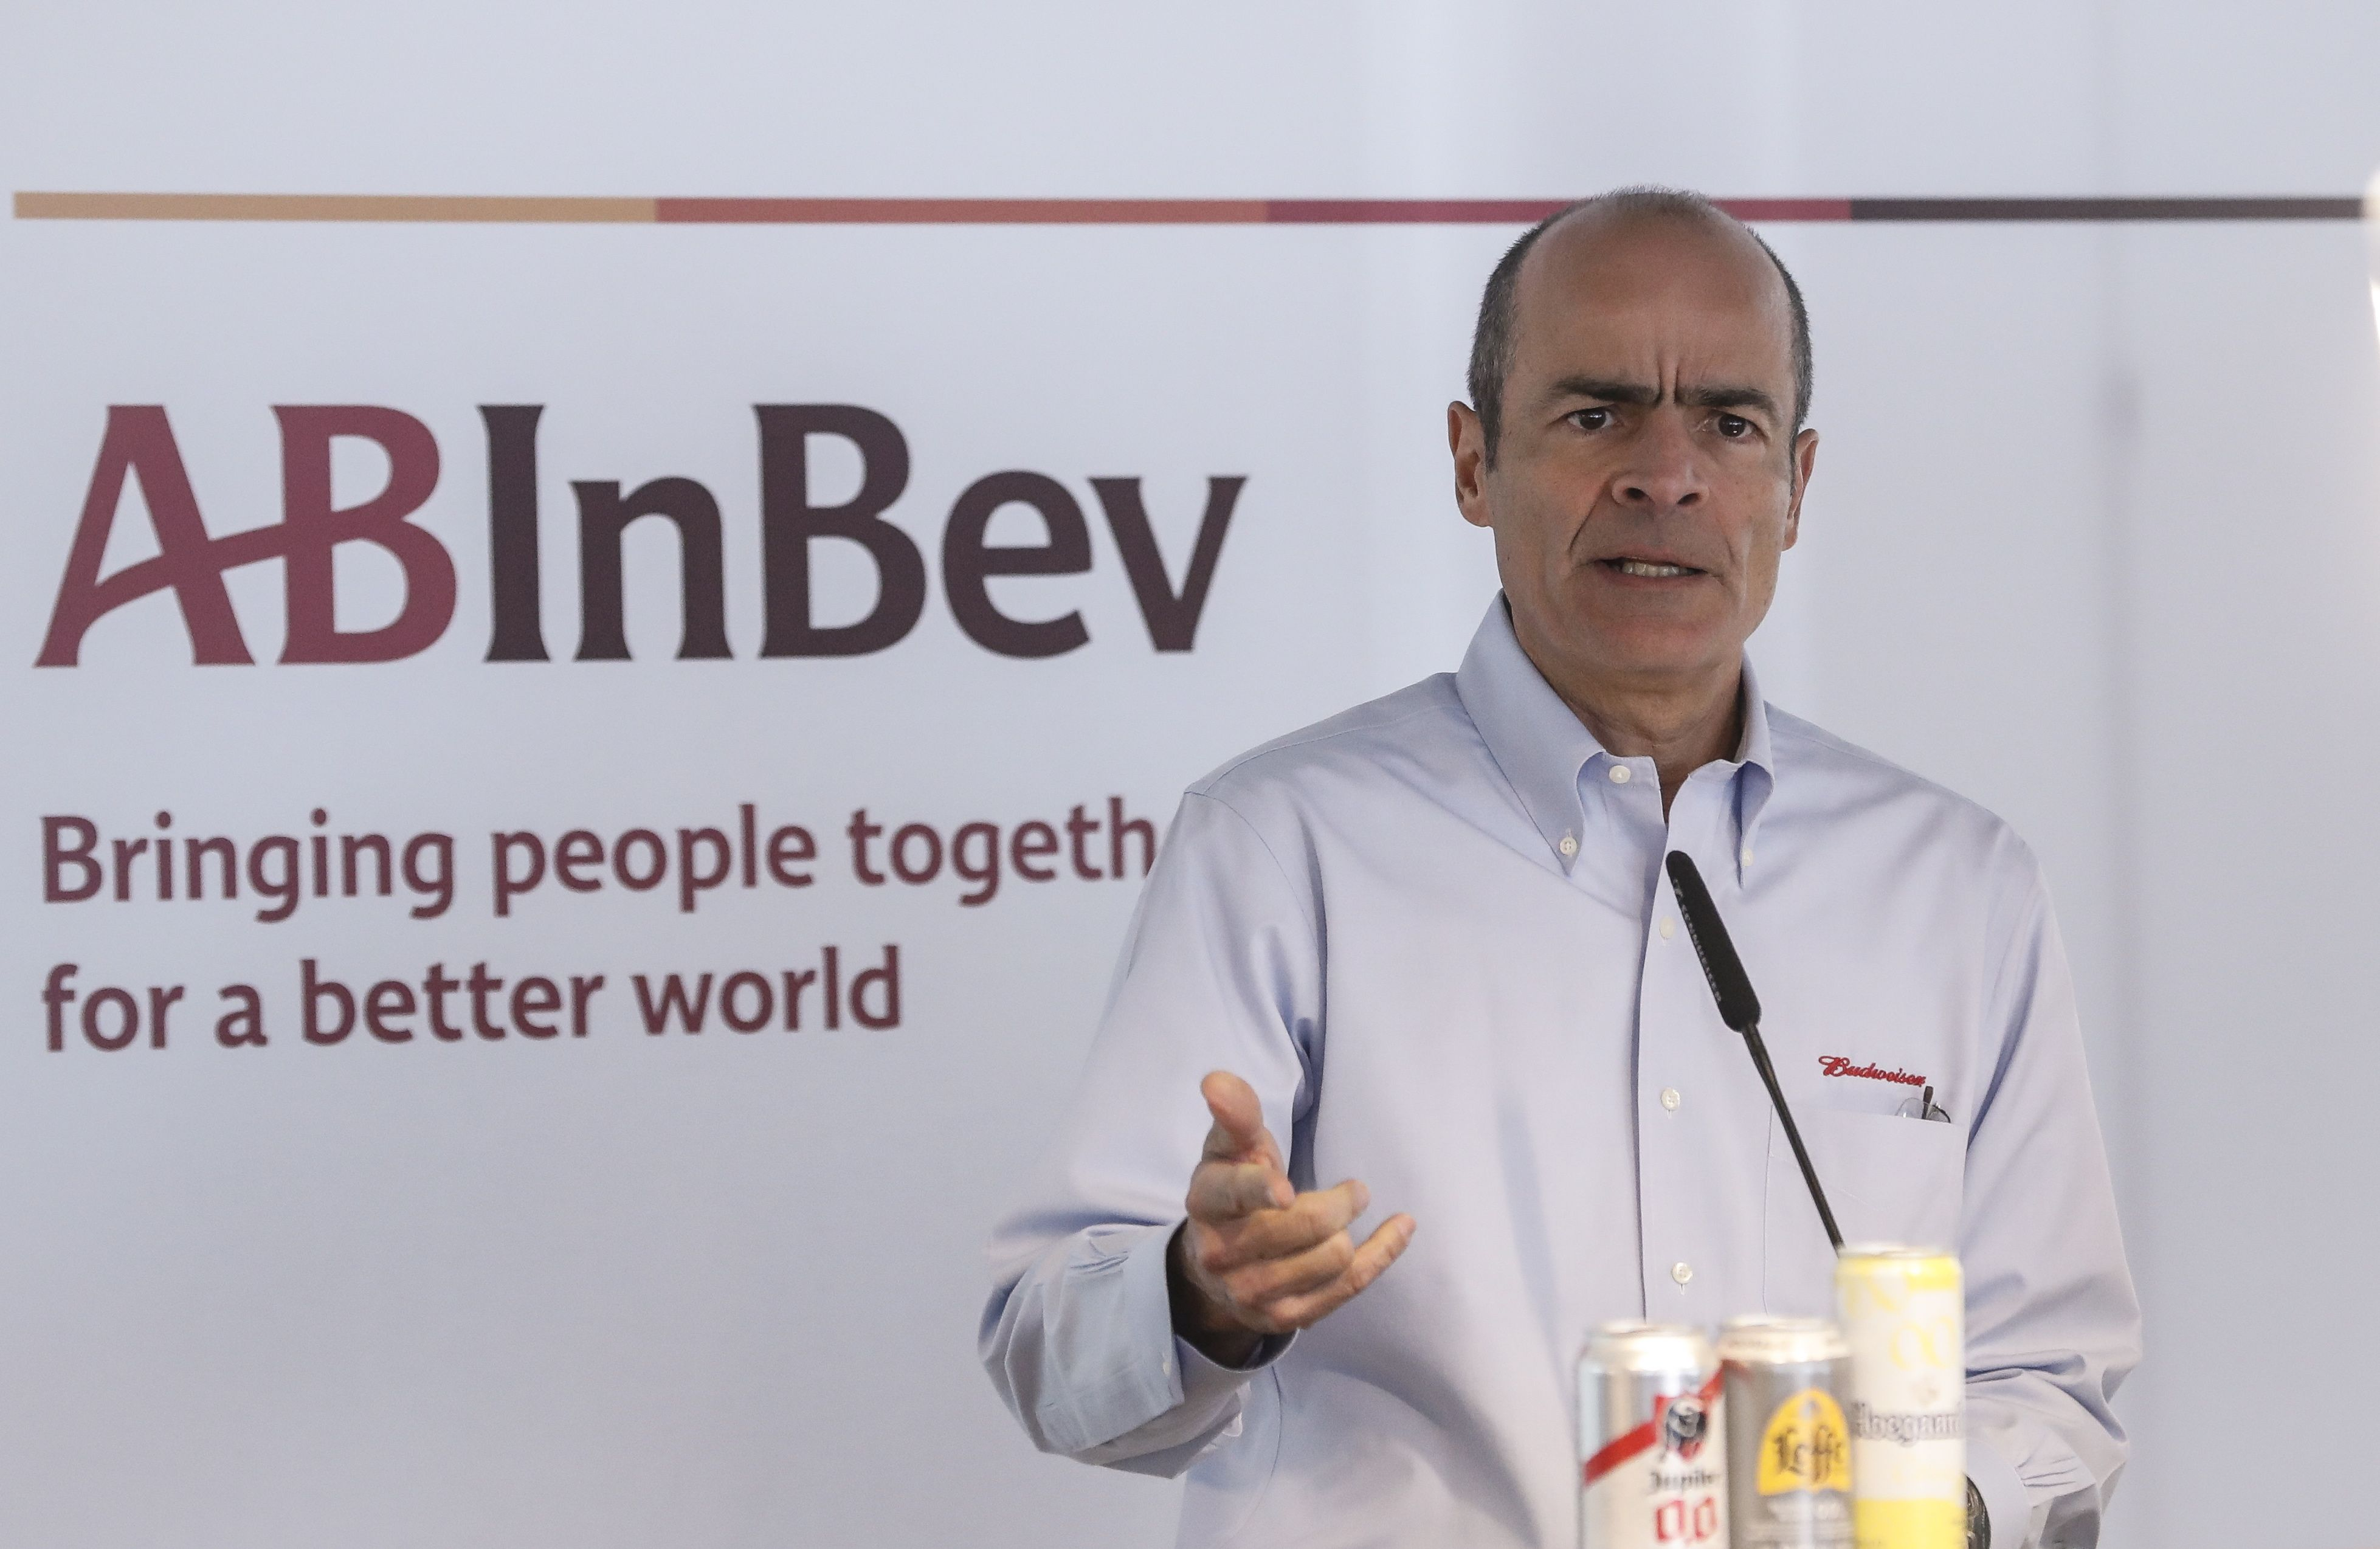 Te притежаваt 52,9 милиарда долара. На снимката: Карлос Брито, главен изпълнителен директор на Anheuser-Busch InBev.